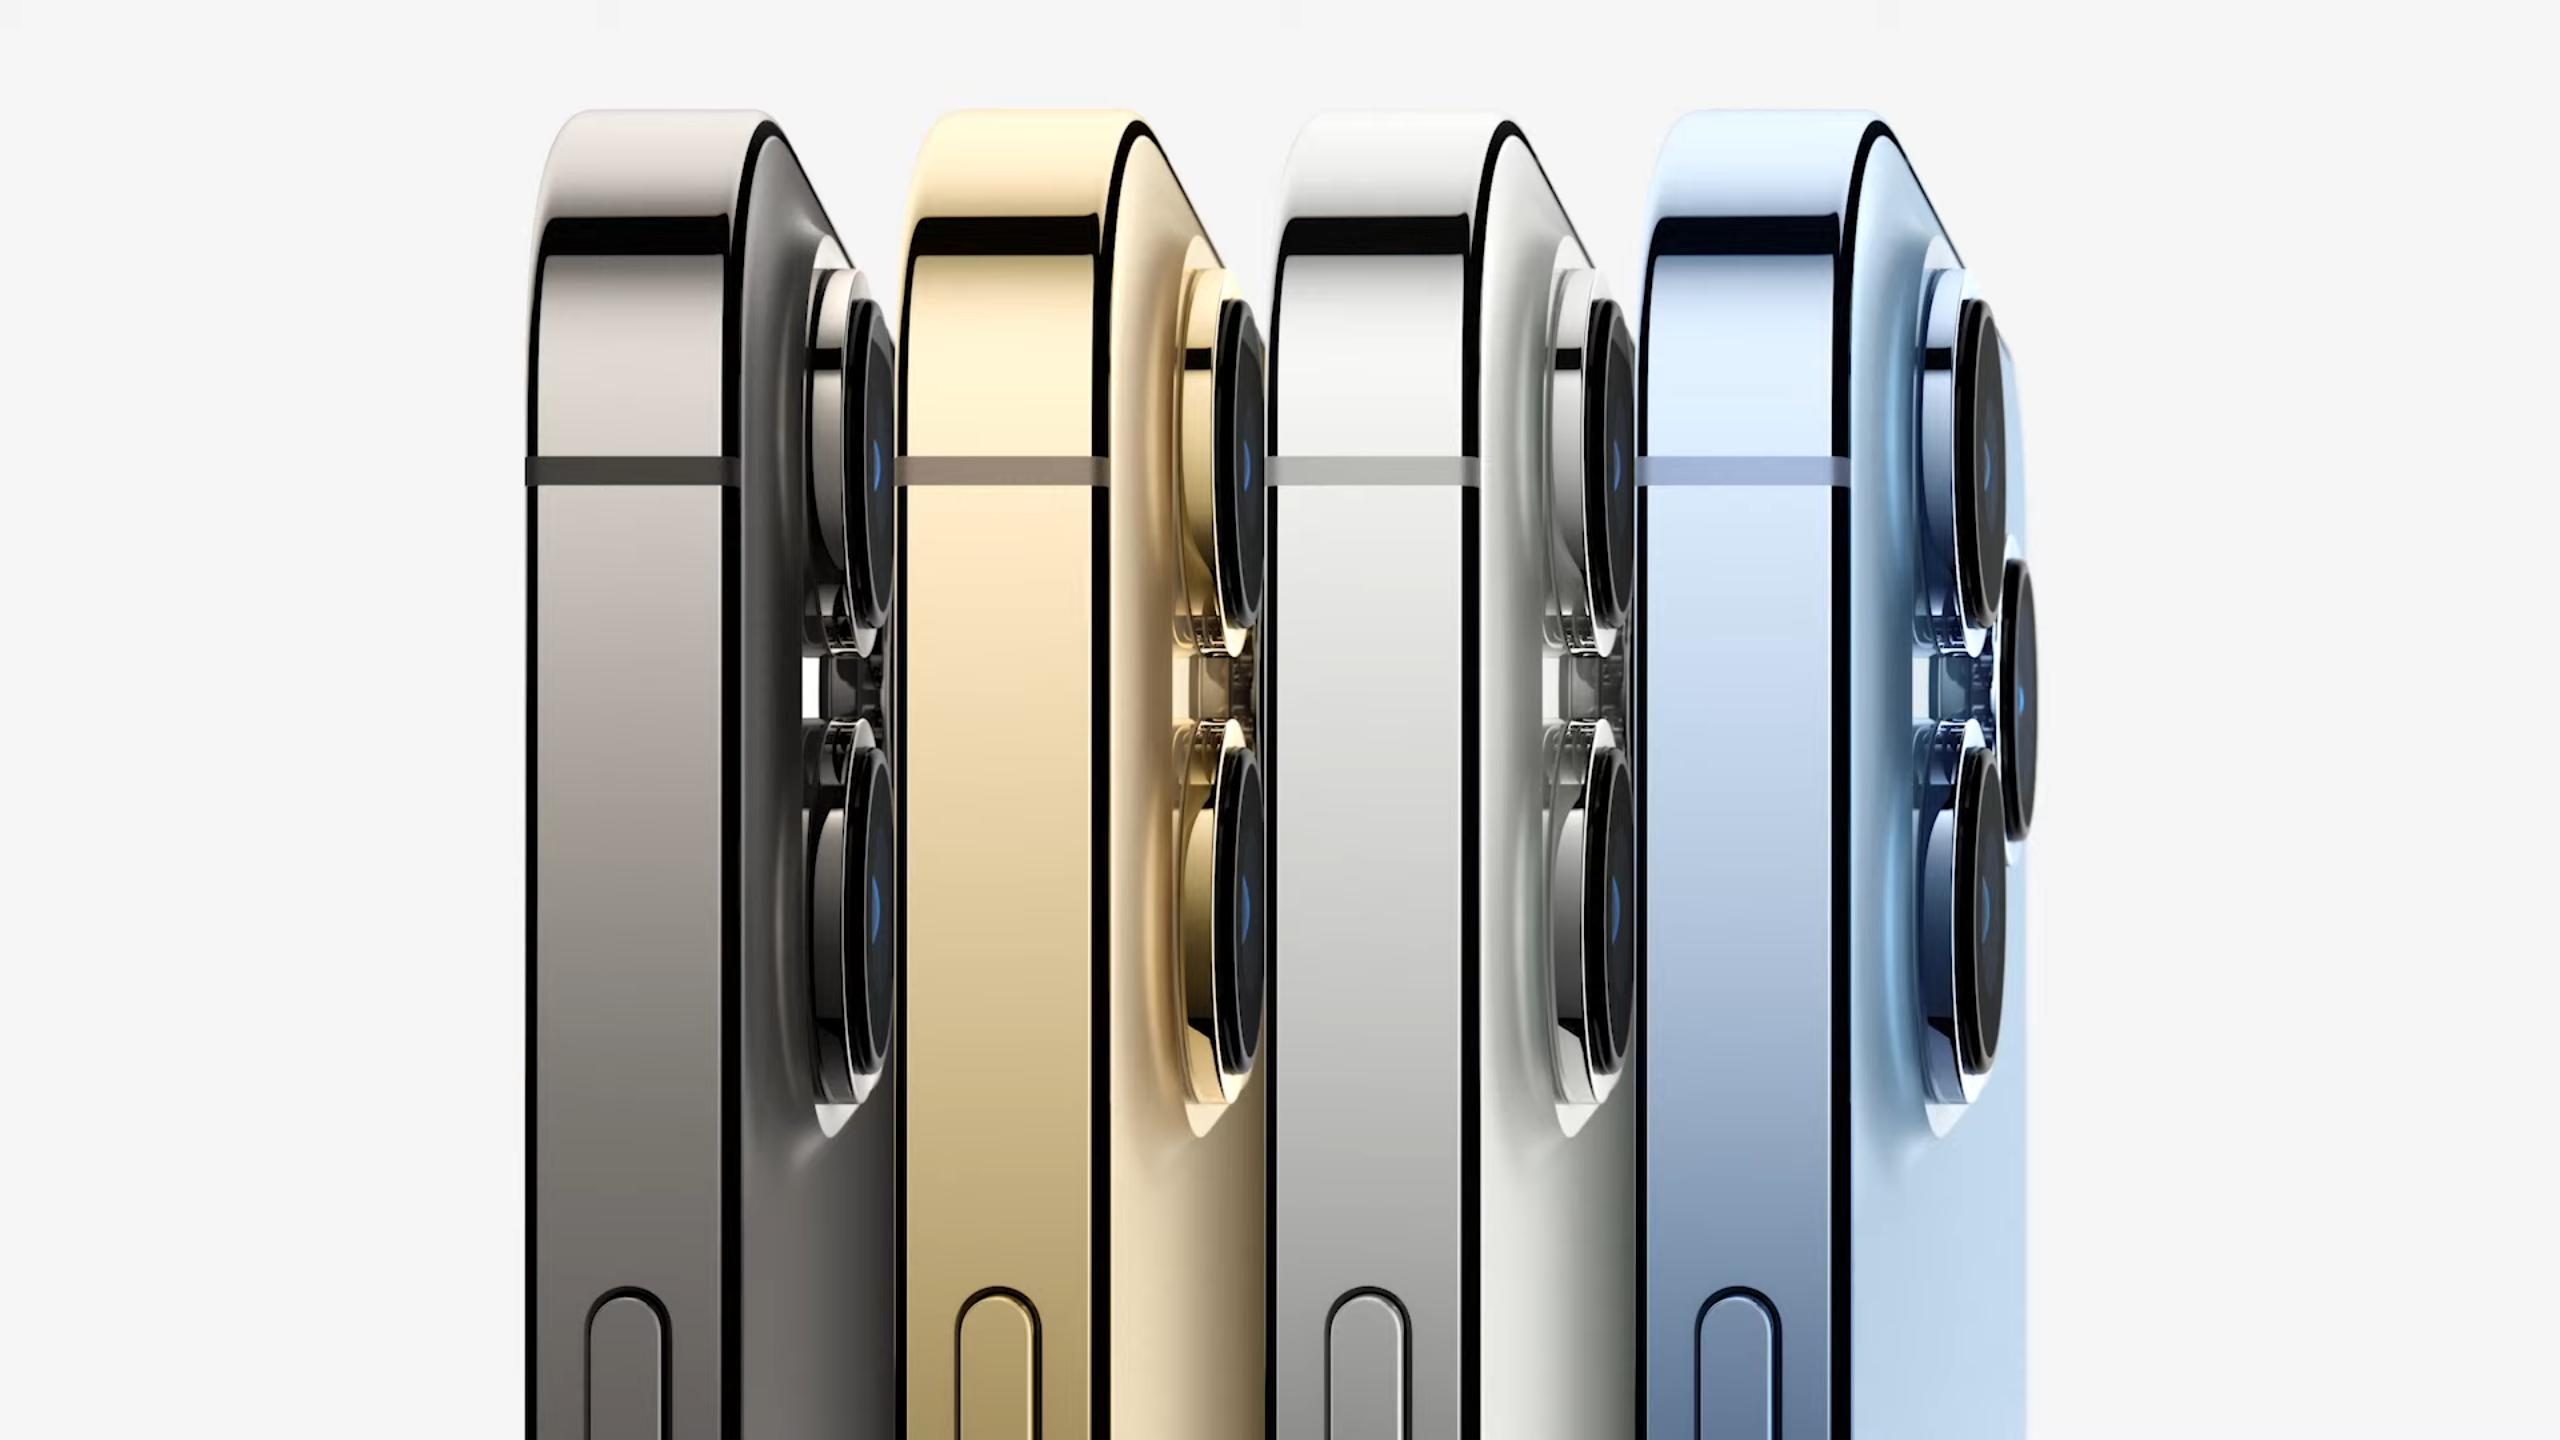 Fjorårets iPhone 12 Pro Max var første mobil i verden med bildebrikke som flyttet seg - en funksjon hentet fra systemkamera. I år fikk alle iPhonene teknologien - før omtrent noen andre telefoner har fått den. Og Pro-kameraene er fornyet enda en gang.